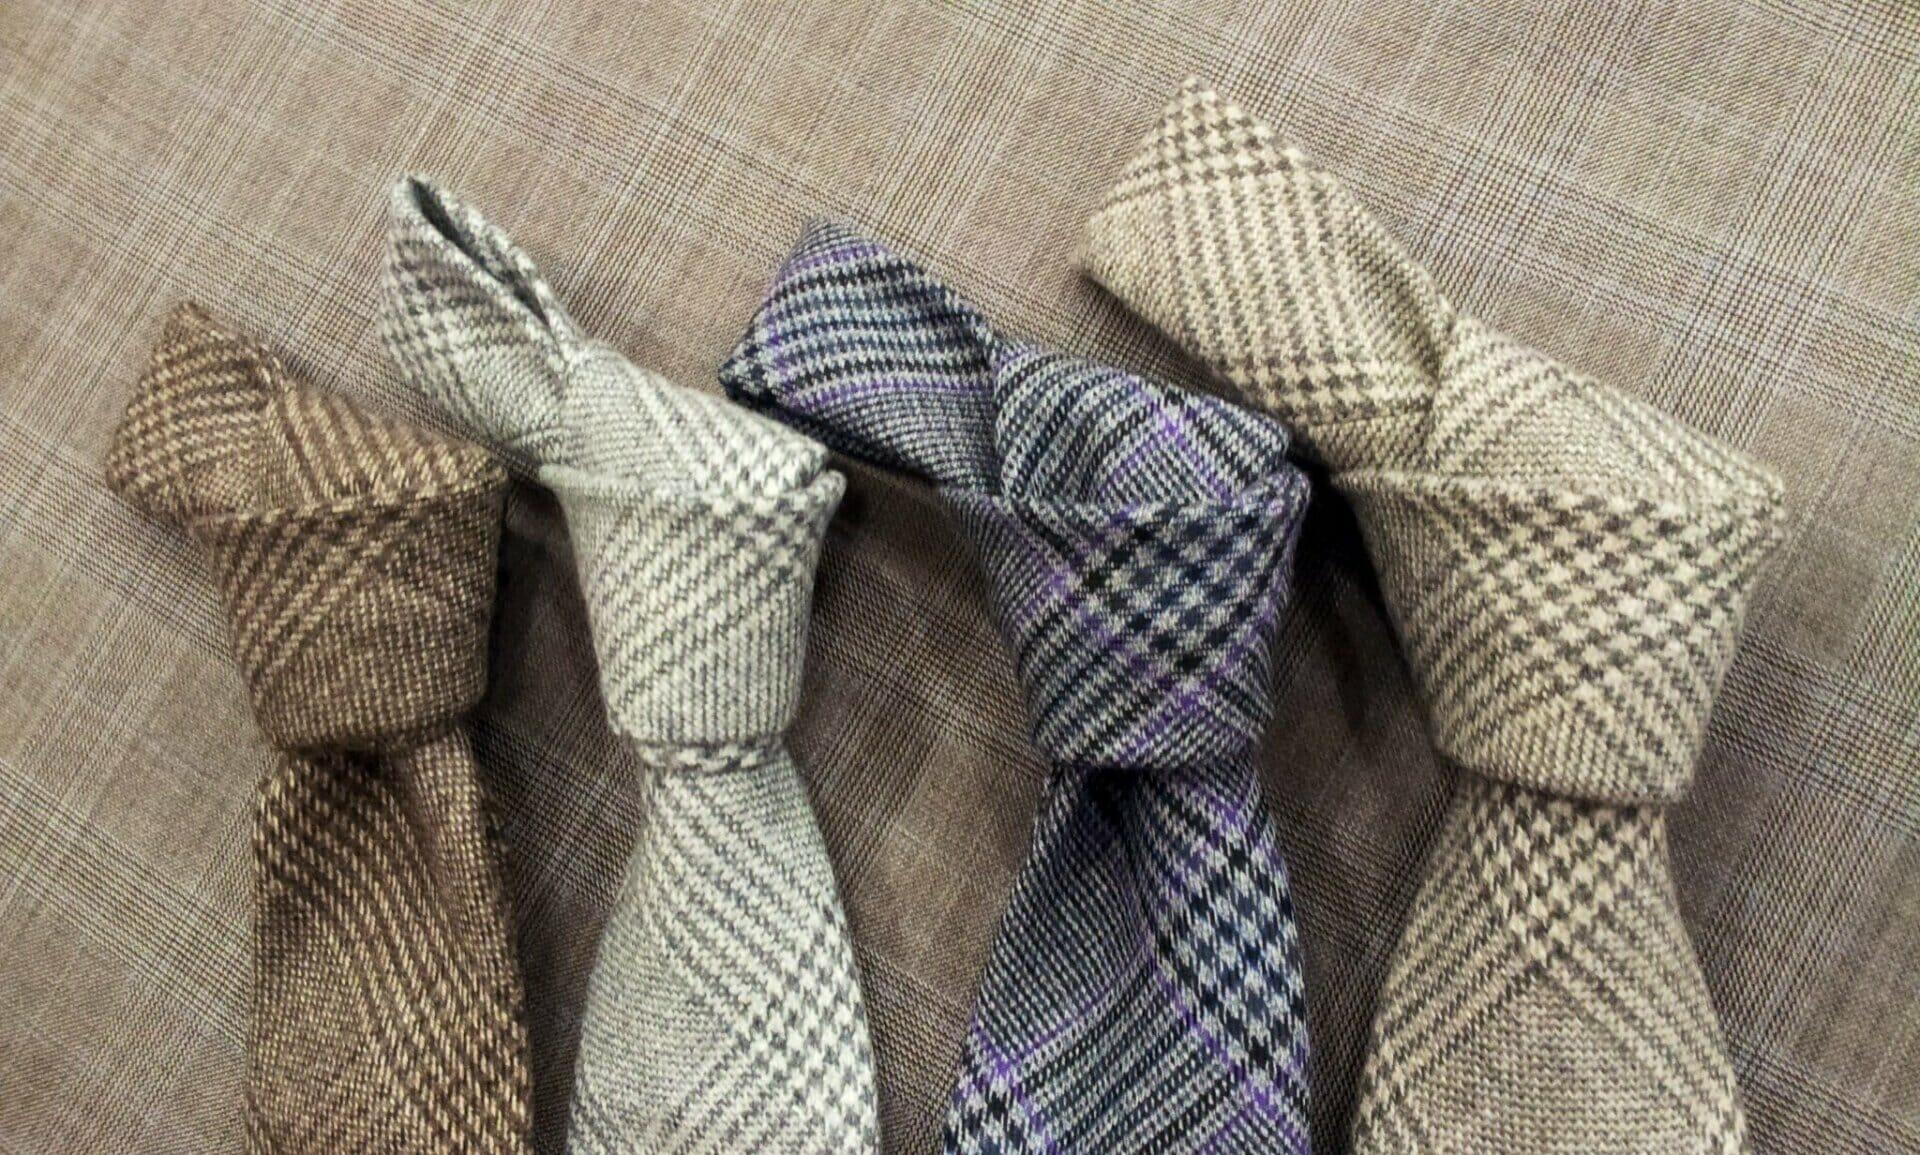 Acquista autentico migliore qualità per più alla moda Cravatte sette pieghe sfoderate in cashmere.